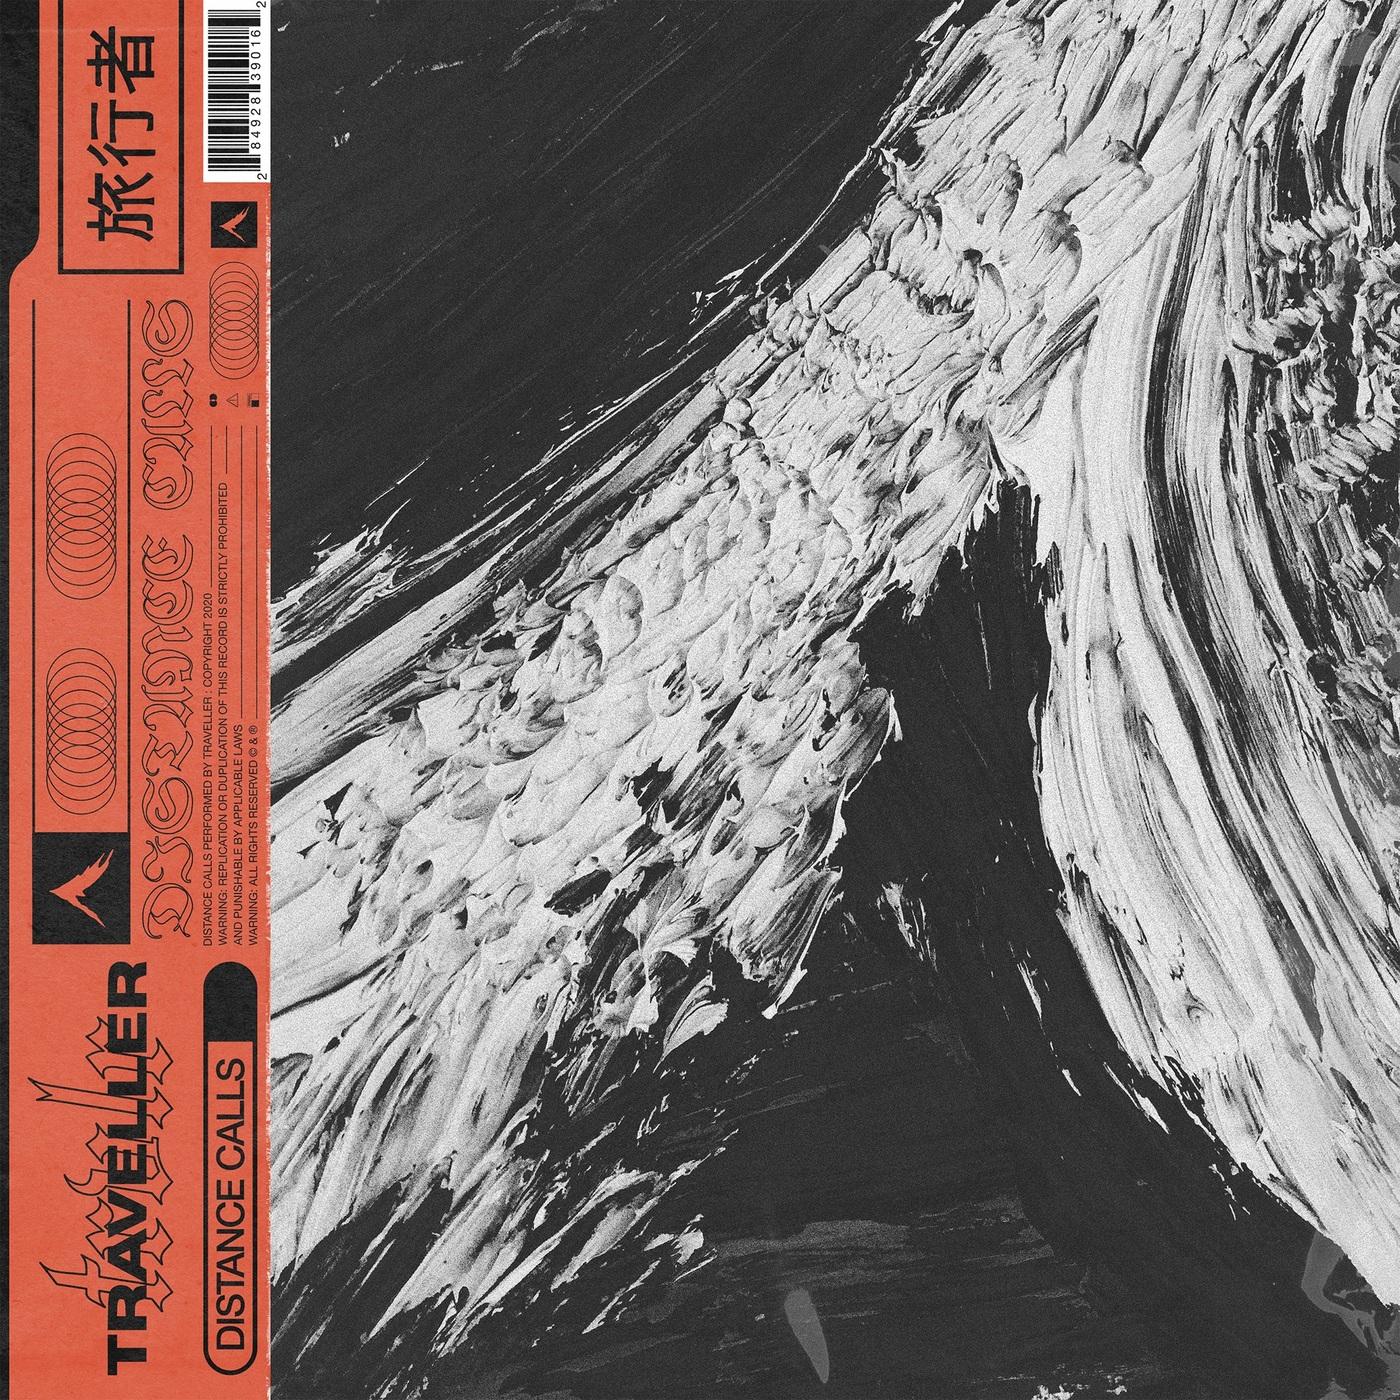 Traveller - Tidal Dream [single] (2021)